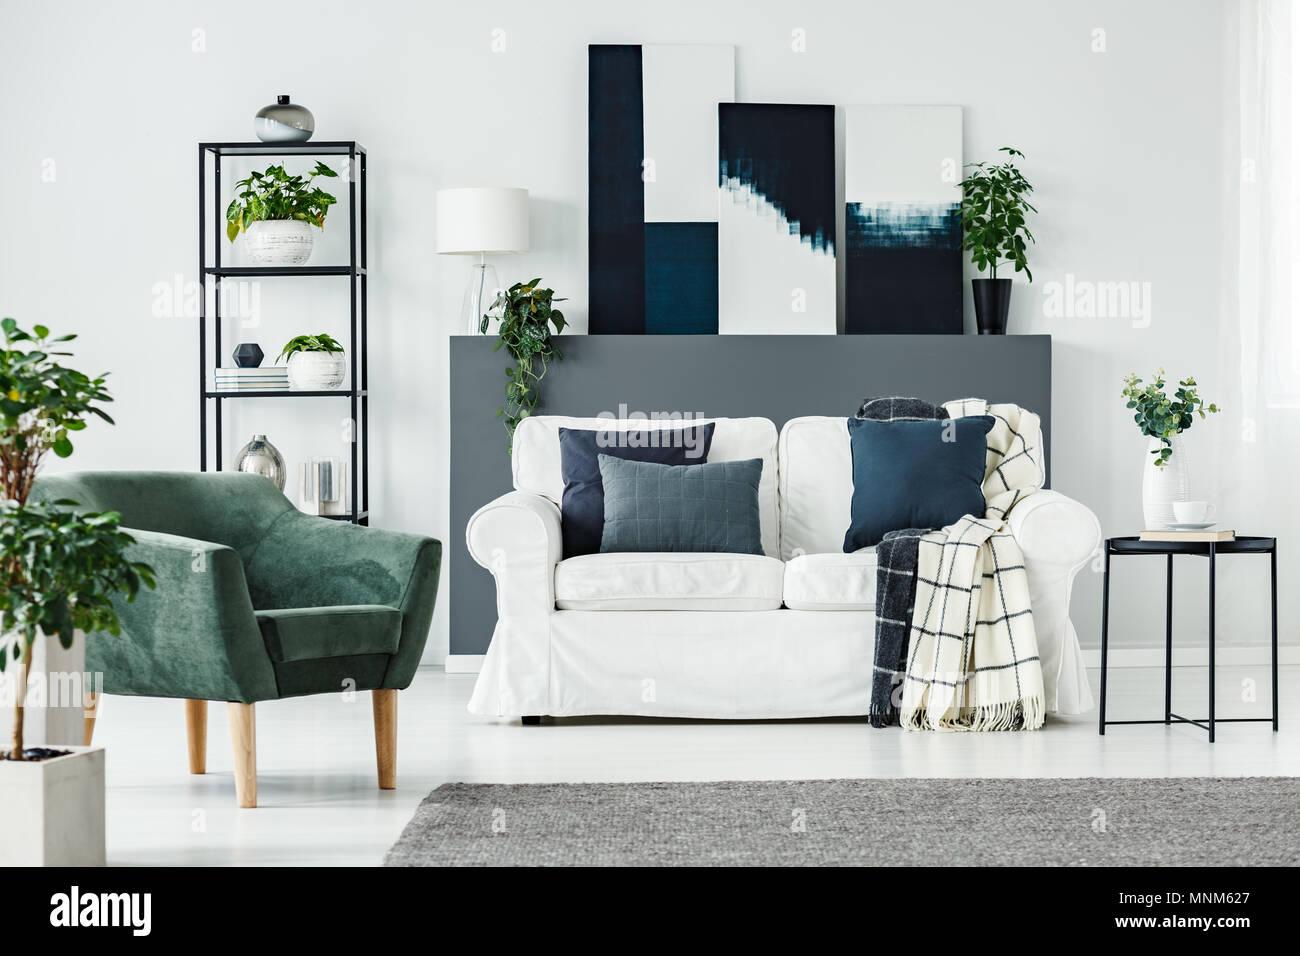 Grüne Sessel, Weiß Sofa, Pflanzen Und Graue Wand In Einem Modernen  Wohnzimmer Innenraum